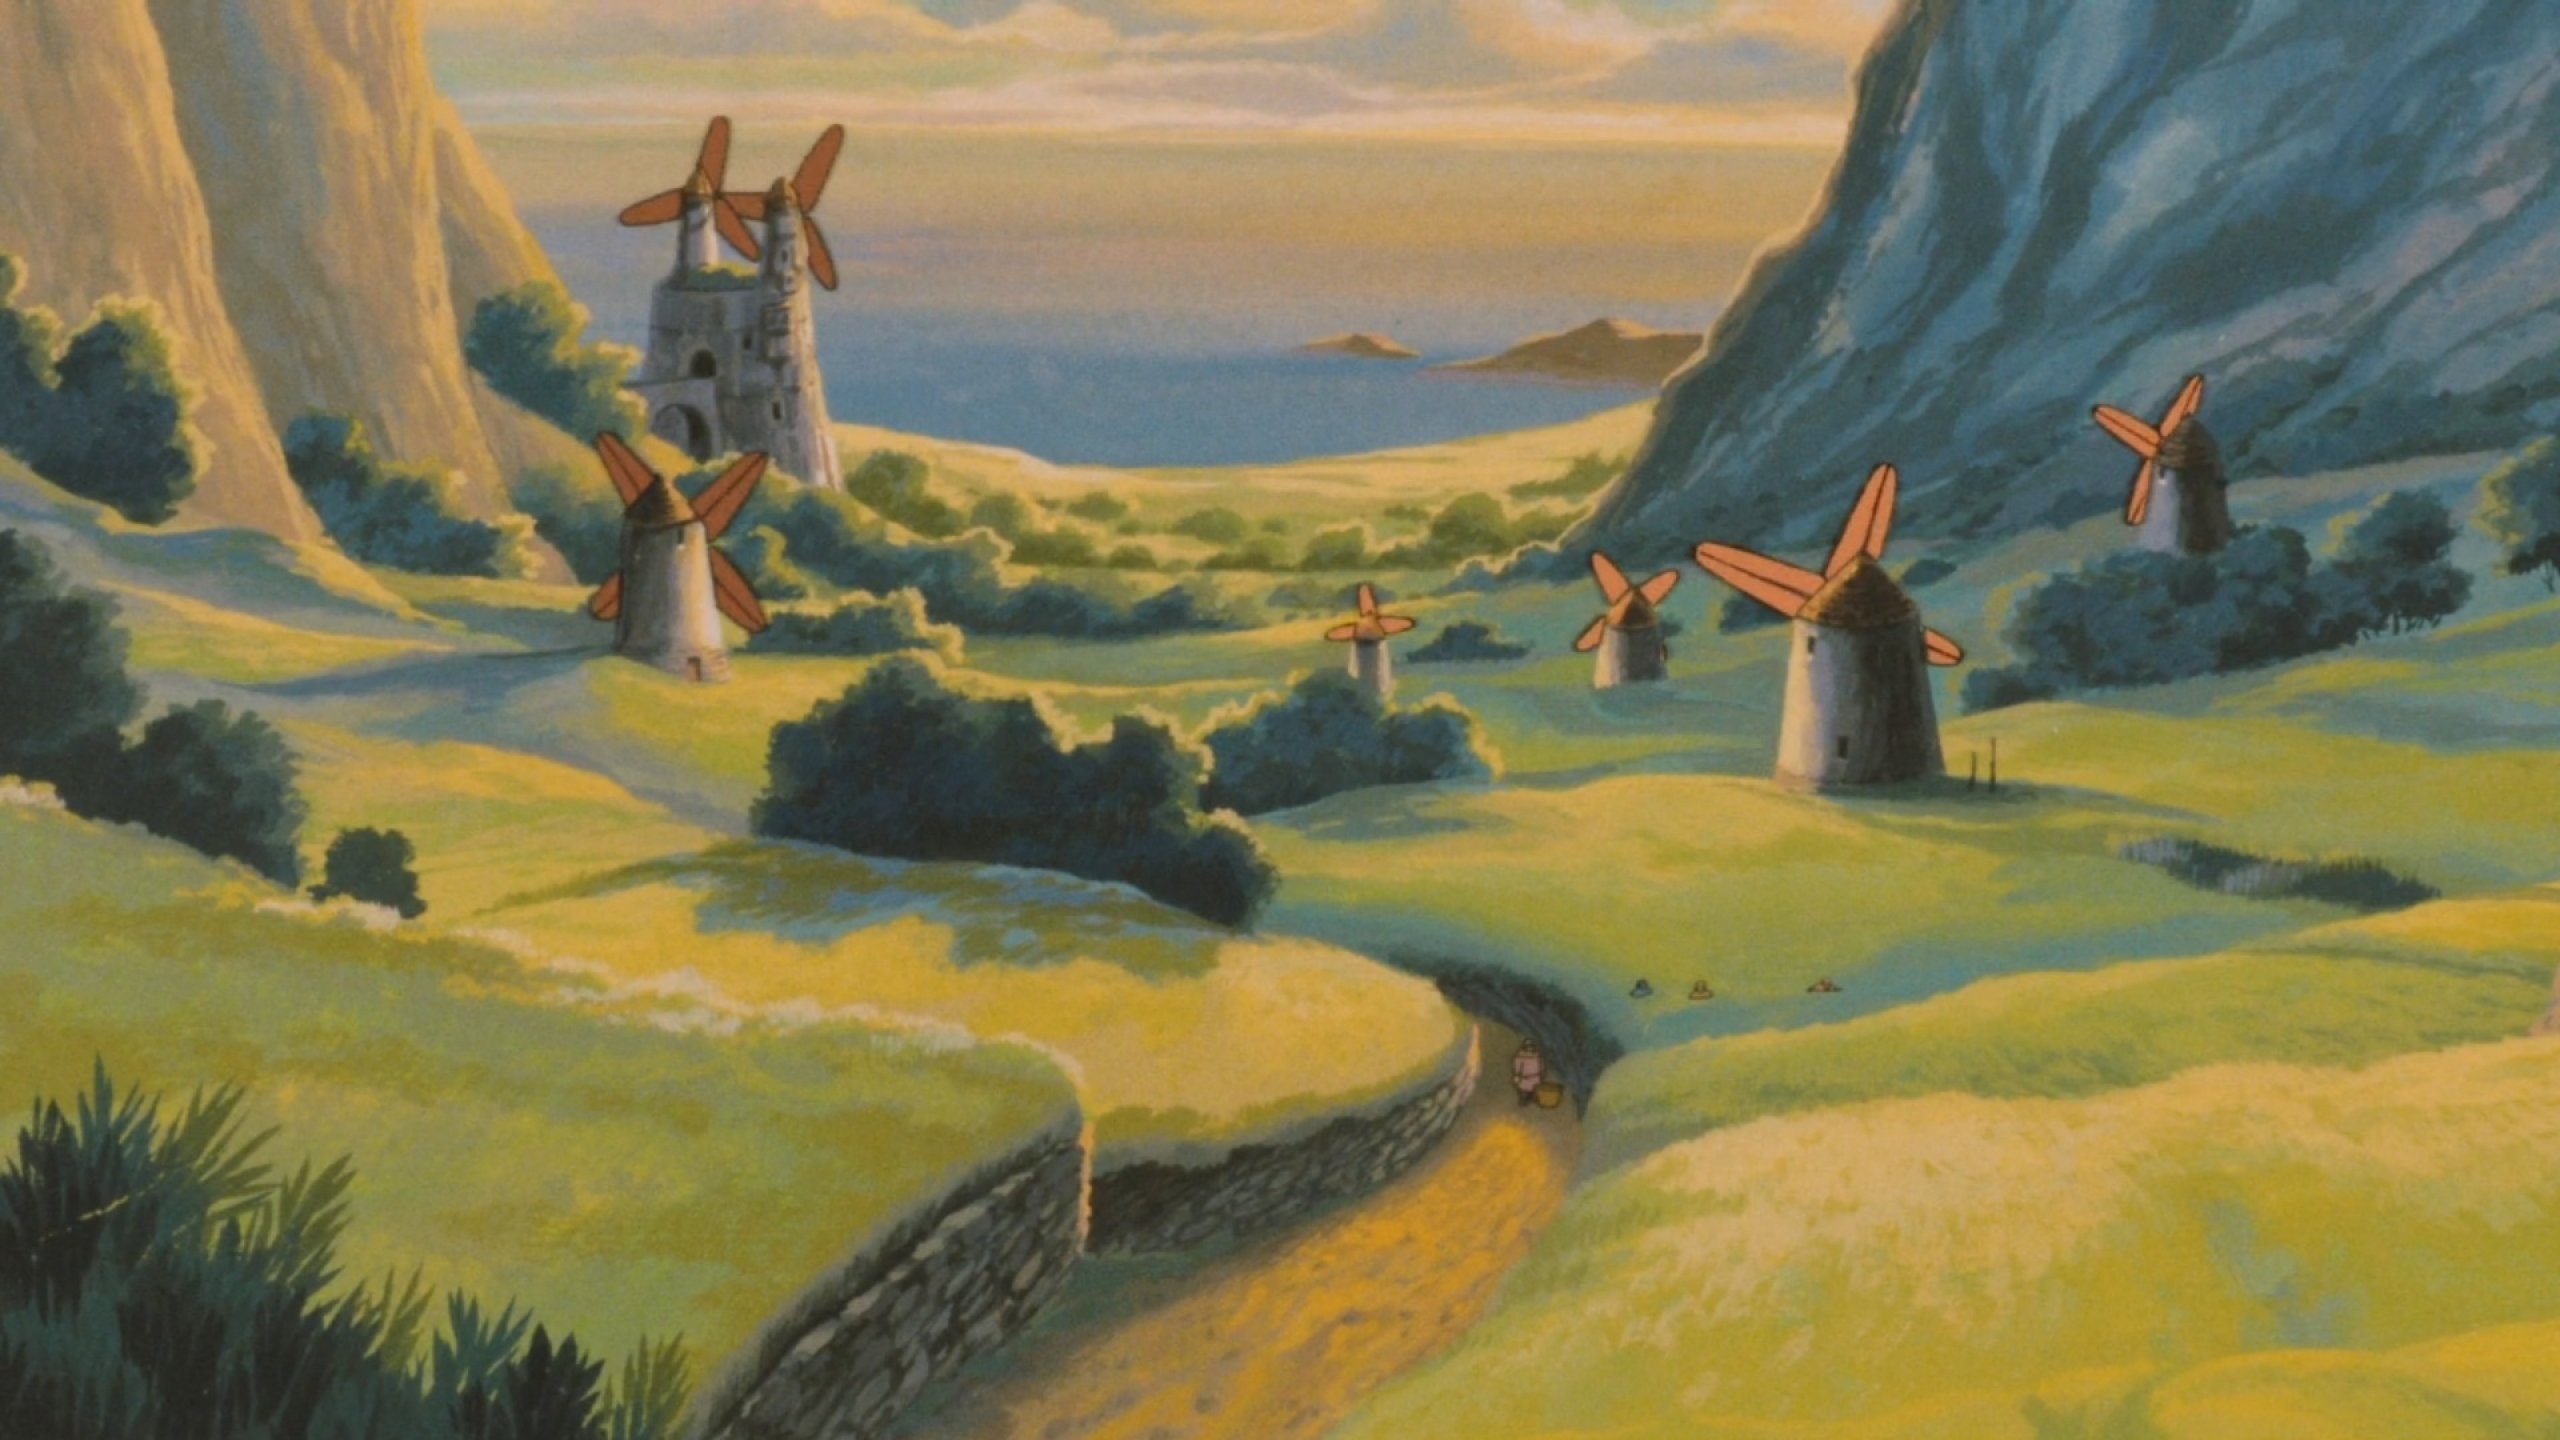 NAUSICAA-VALLEY-WIND anime fantasy adventure nausicaa ...